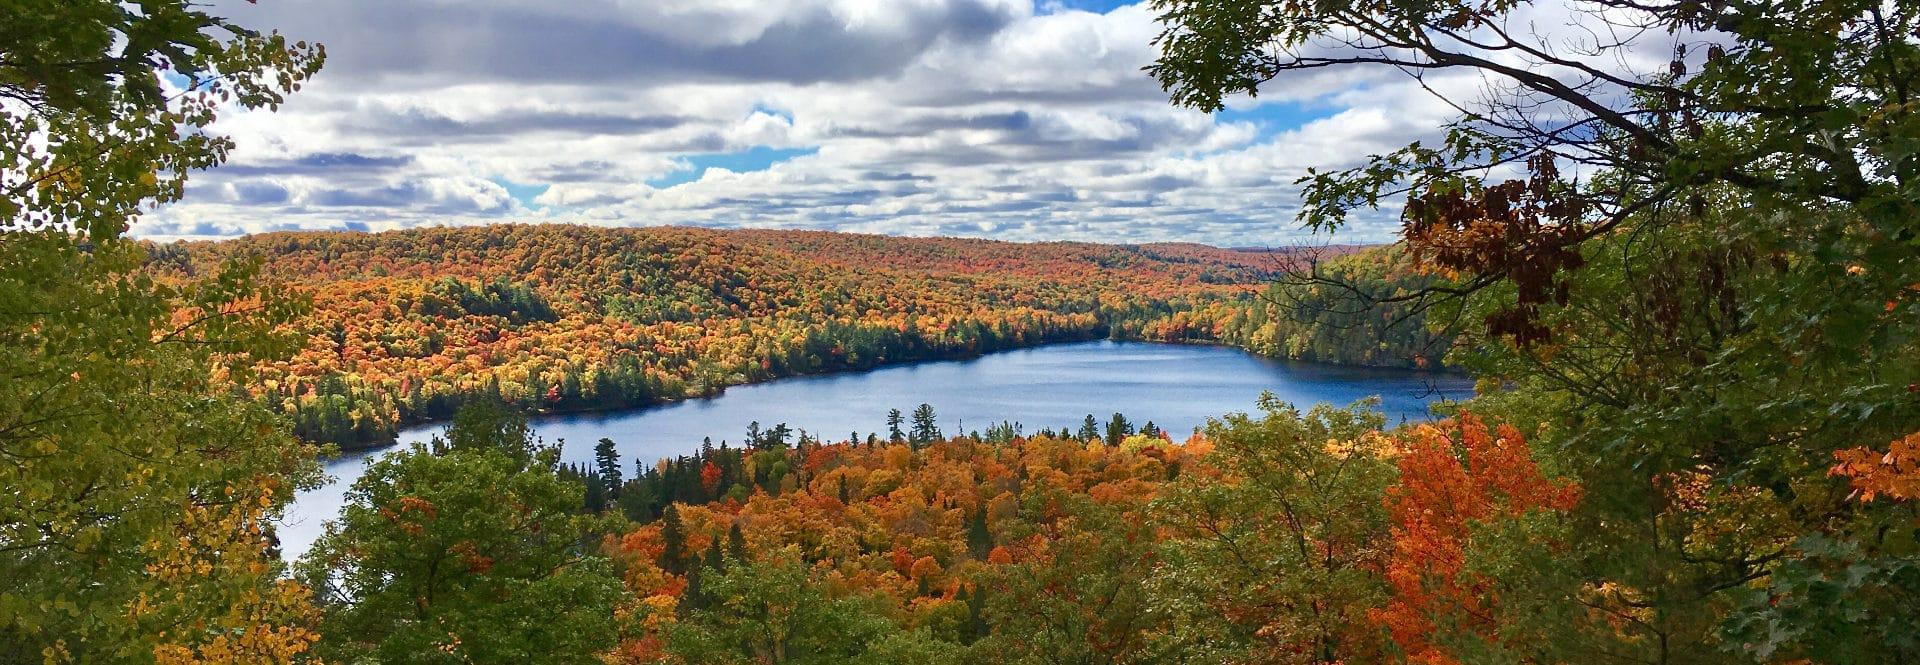 Haliburton Forest Autumn Views